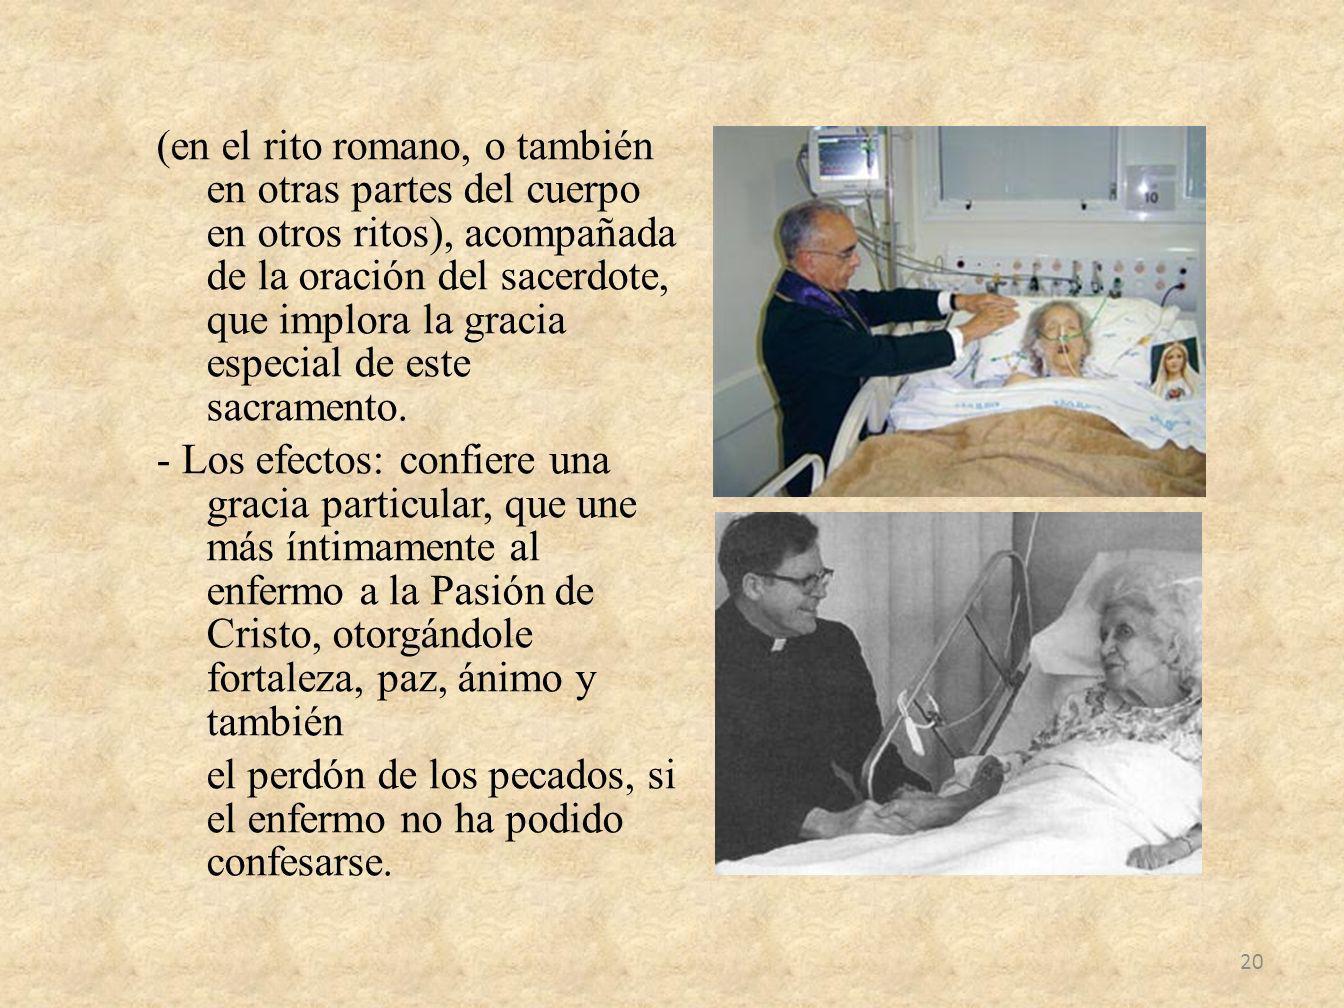 (en el rito romano, o también en otras partes del cuerpo en otros ritos), acompañada de la oración del sacerdote, que implora la gracia especial de este sacramento.